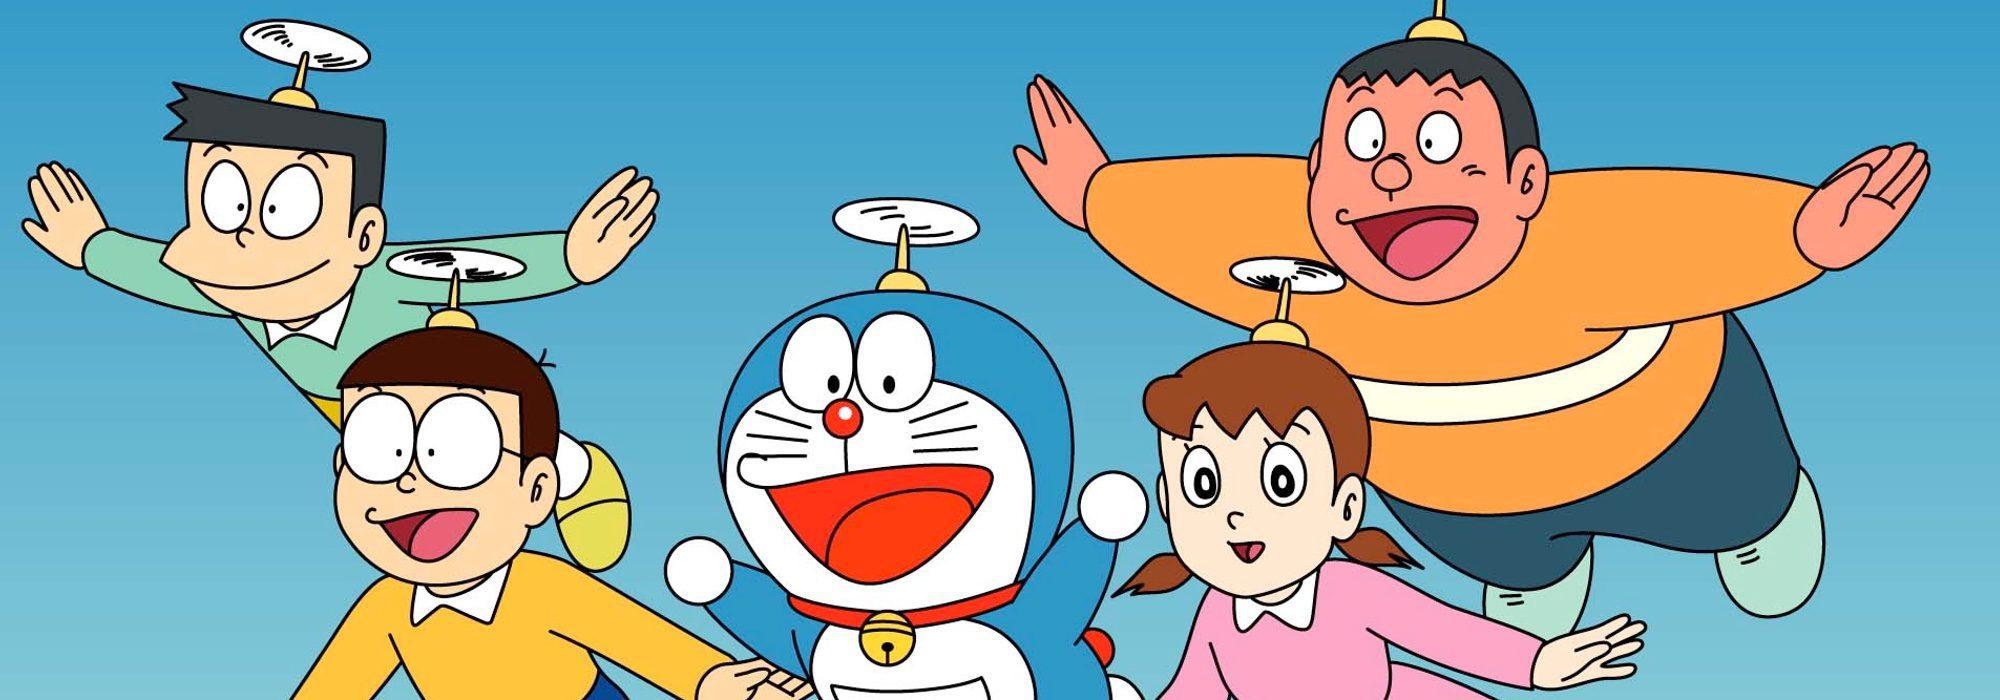 Vídeos Doraemon El Gato Cósmico Los Mejores Vídeos De La Serie